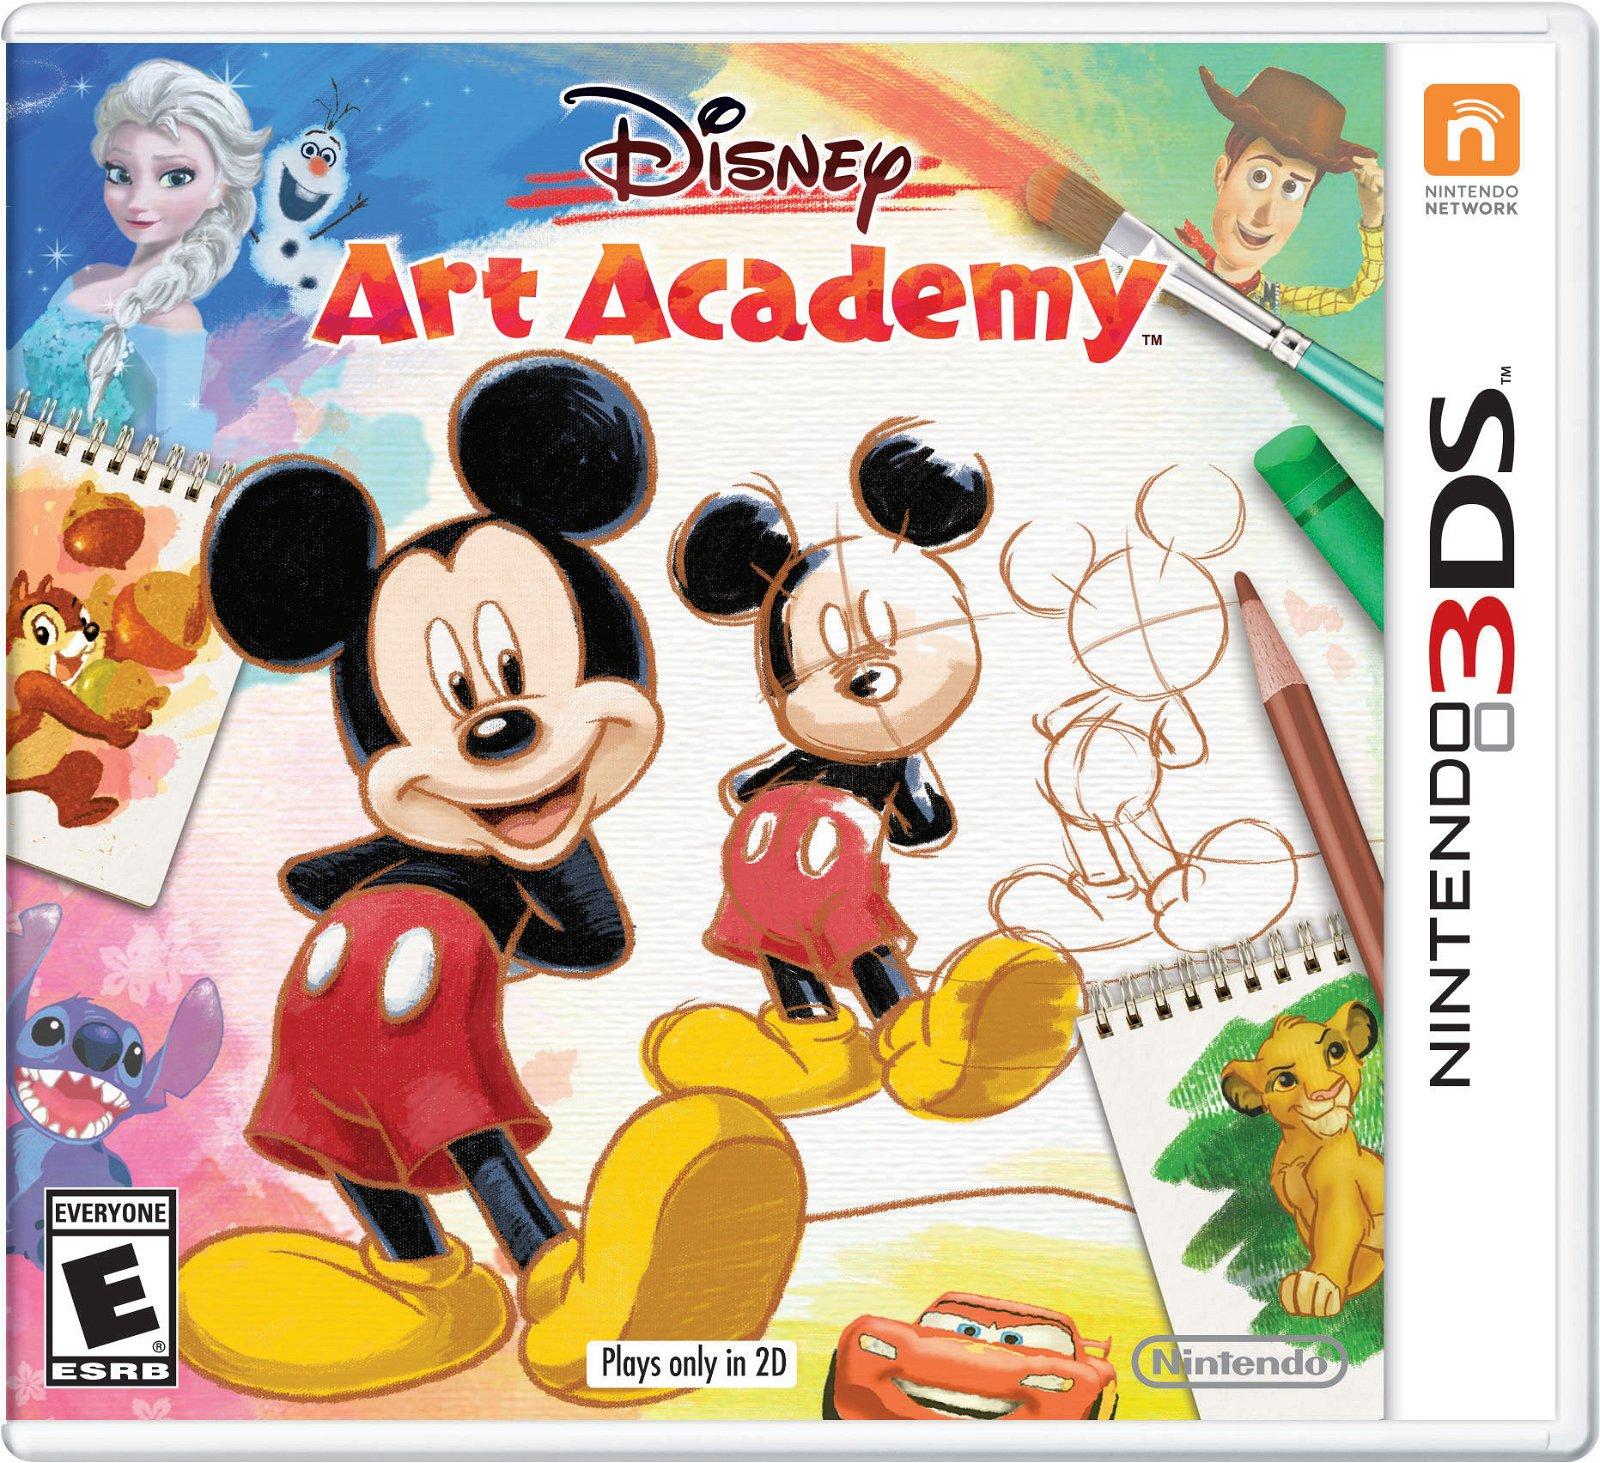 Disney Art Academy (Nintendo 3DS) Review 10